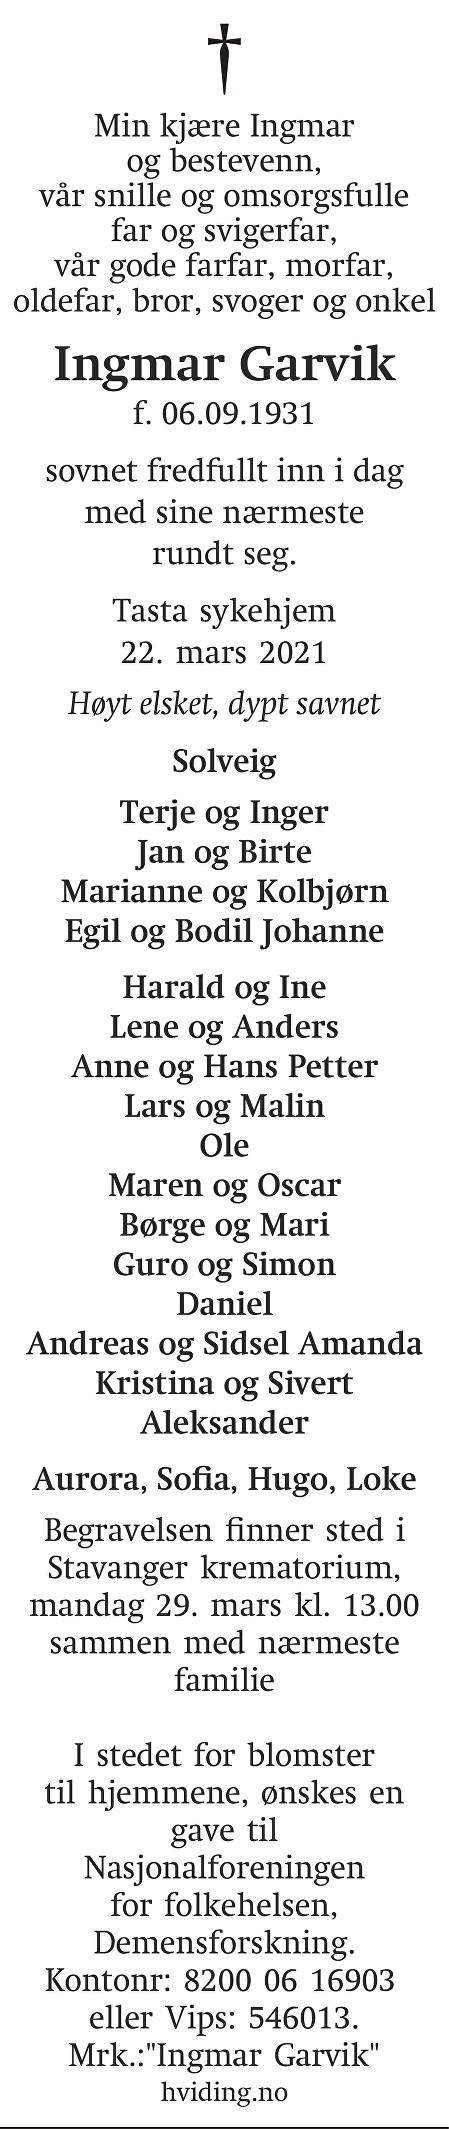 Ingmar Garvik Dødsannonse